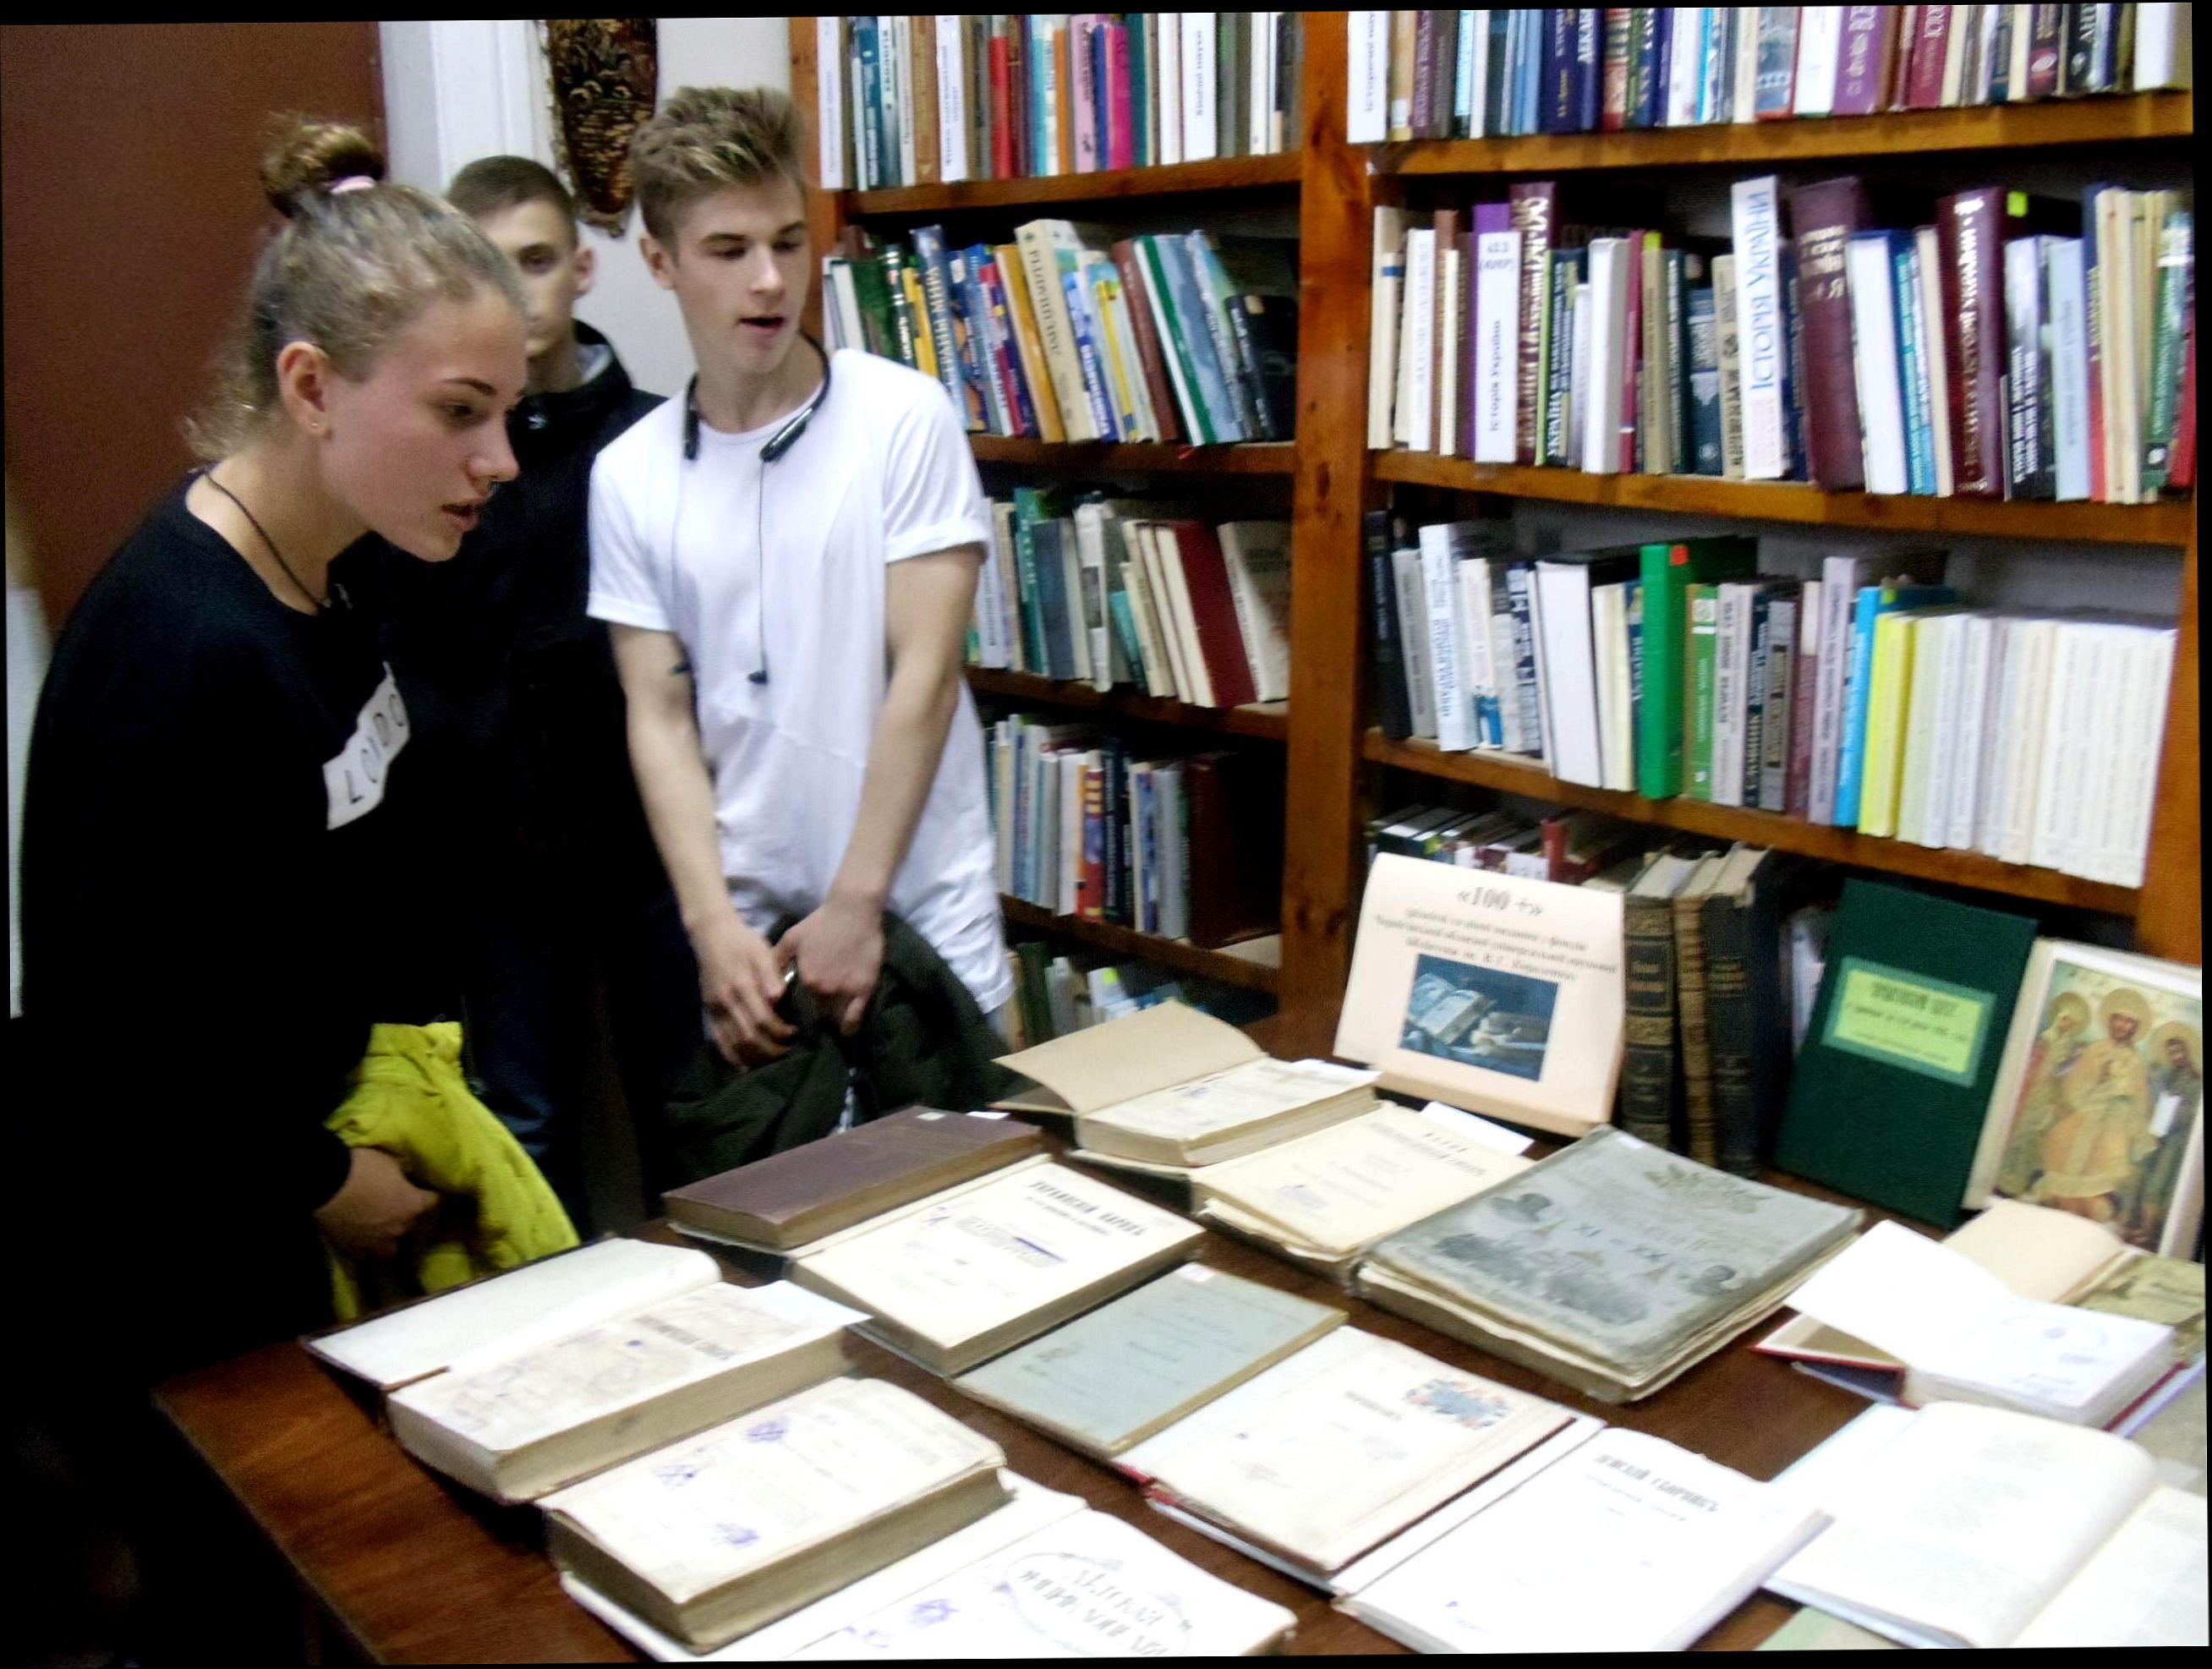 У бібліотеці Короленка розгорнуто унікальну виставку «100+»